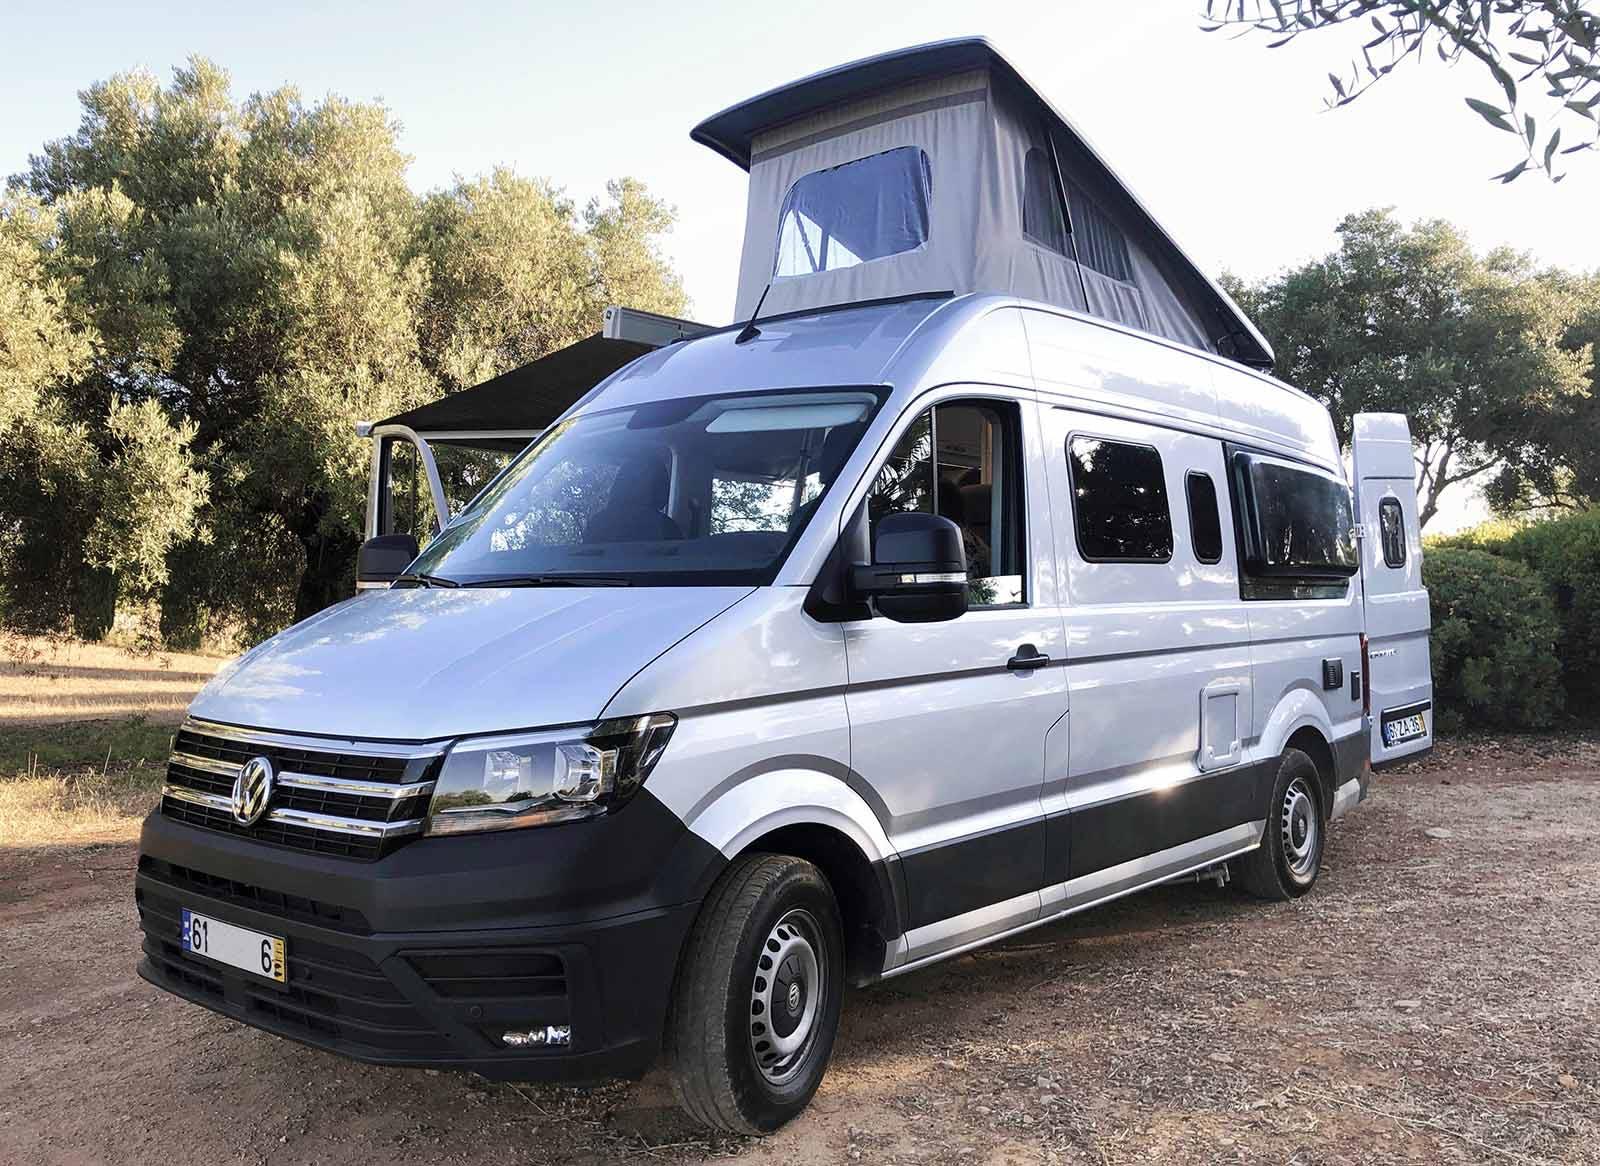 Alugue uma autocaravana em Portugal para uma viagem de aventura épica. Comece por Lisboa, Porto ou Faro.